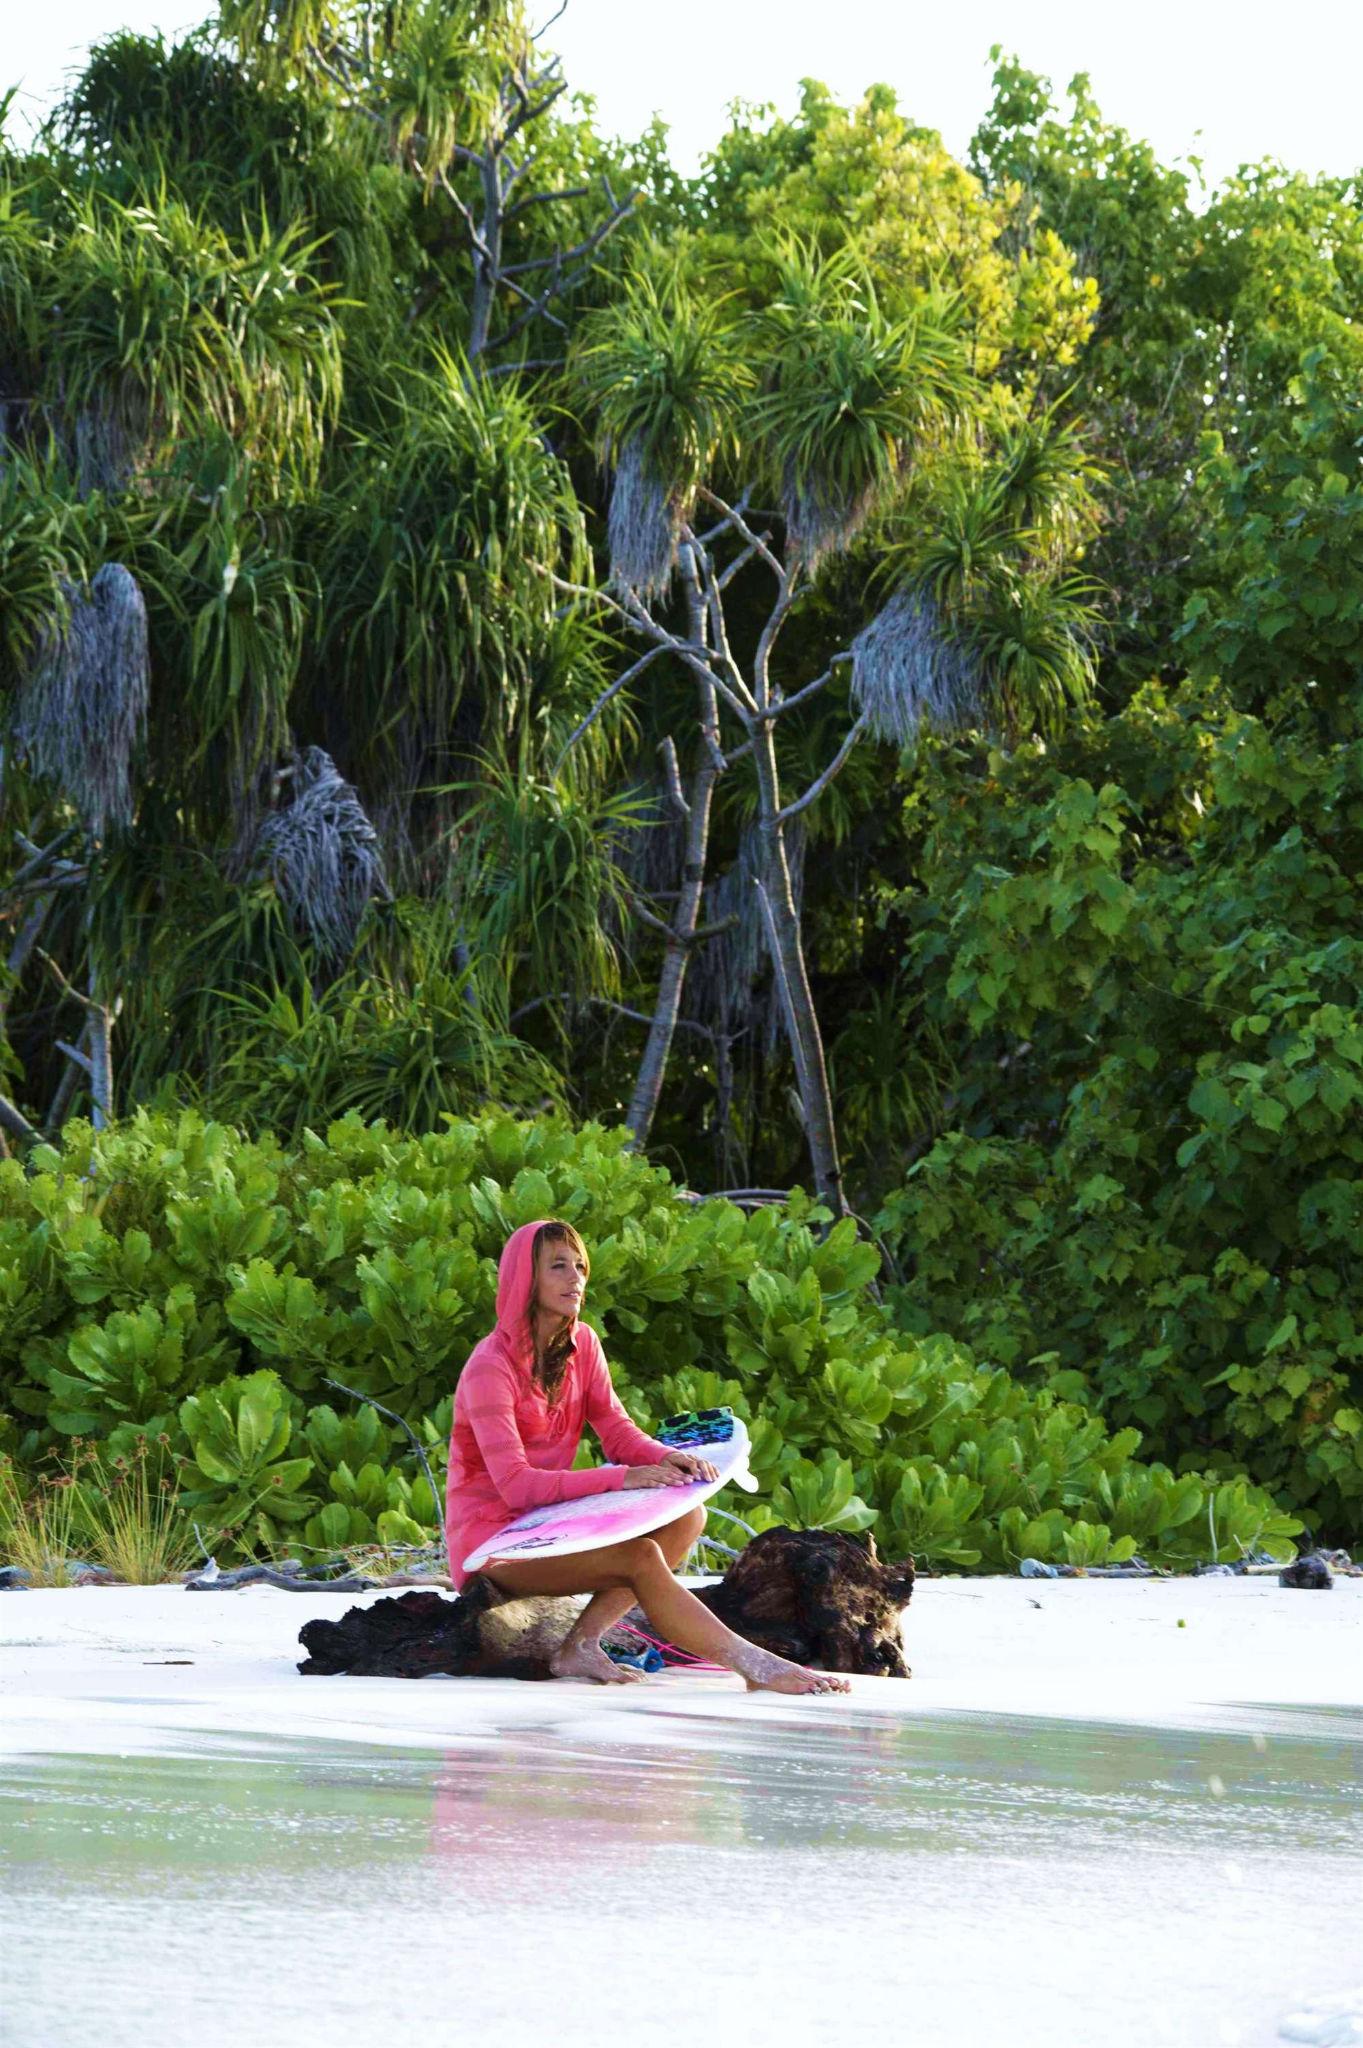 Ich liebe die gruenen Palmbedeckten Inseln umkreist mit weissem Sandstrand,  die sehen aus wie Smaragte im tuerkisblauen Indischen Ozean, einfach paradiesisch! photo: Gian Giovanoli kmu-Fotografie.ch